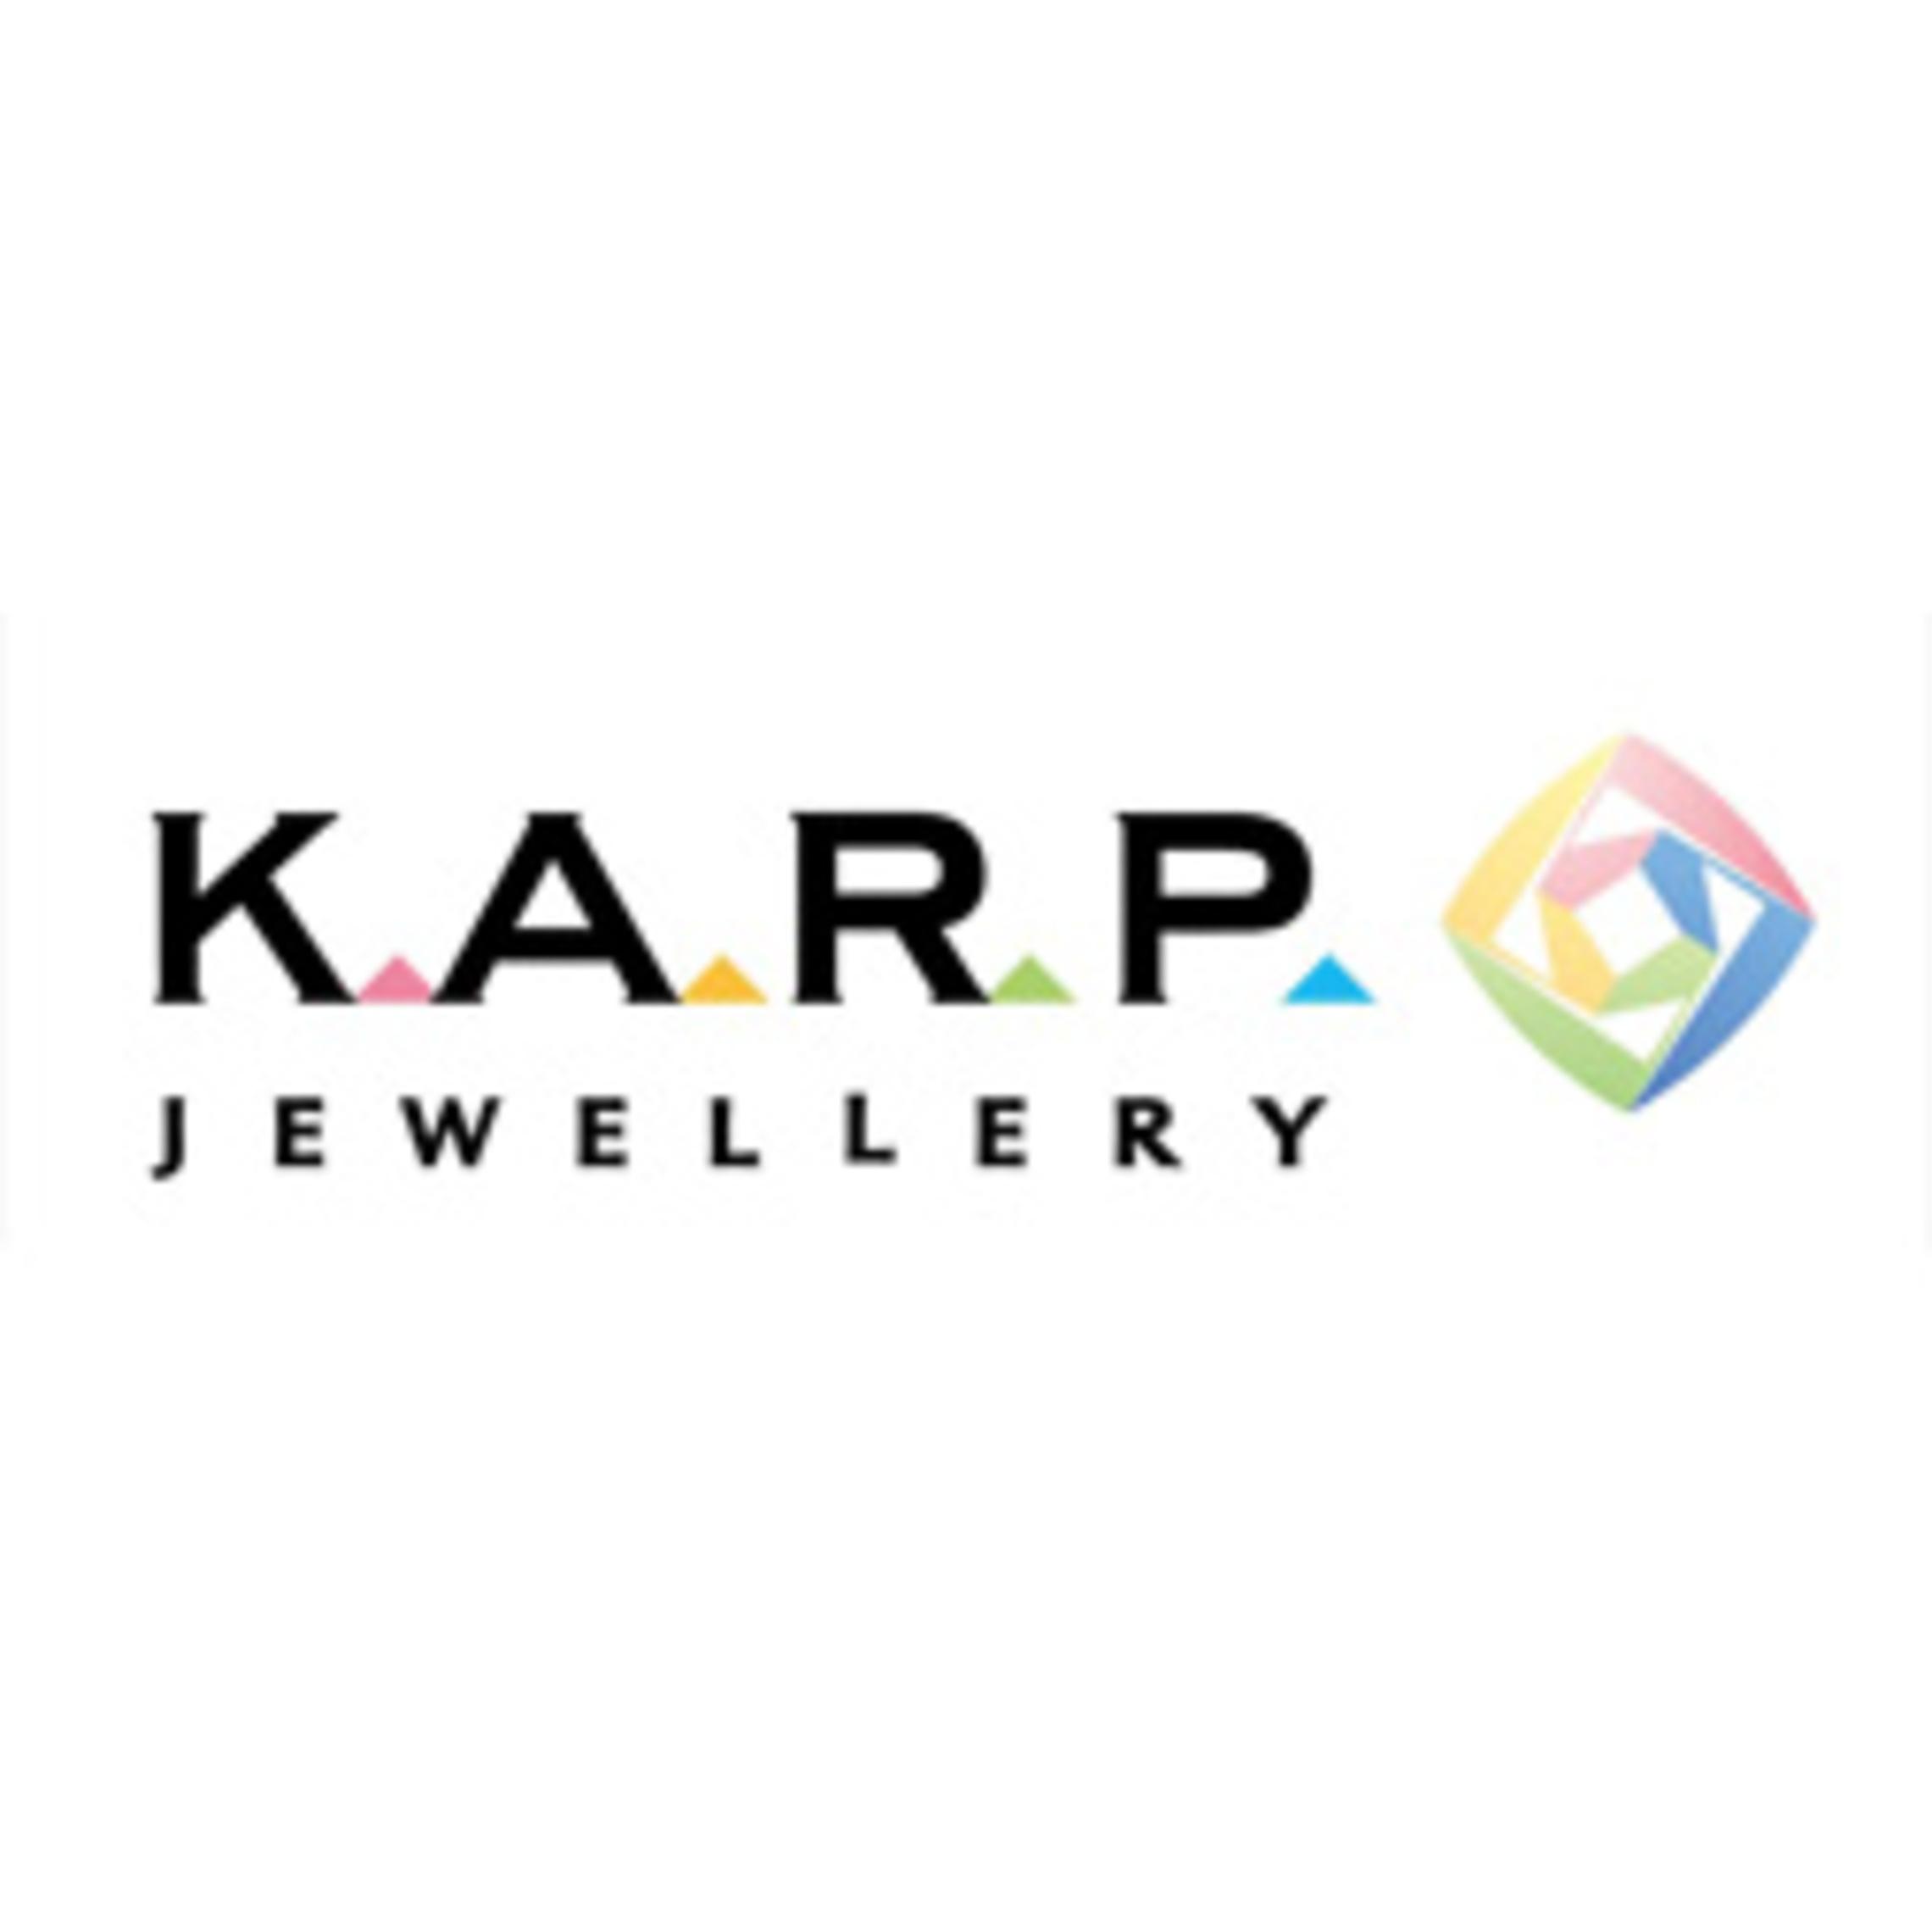 k a r- company logo